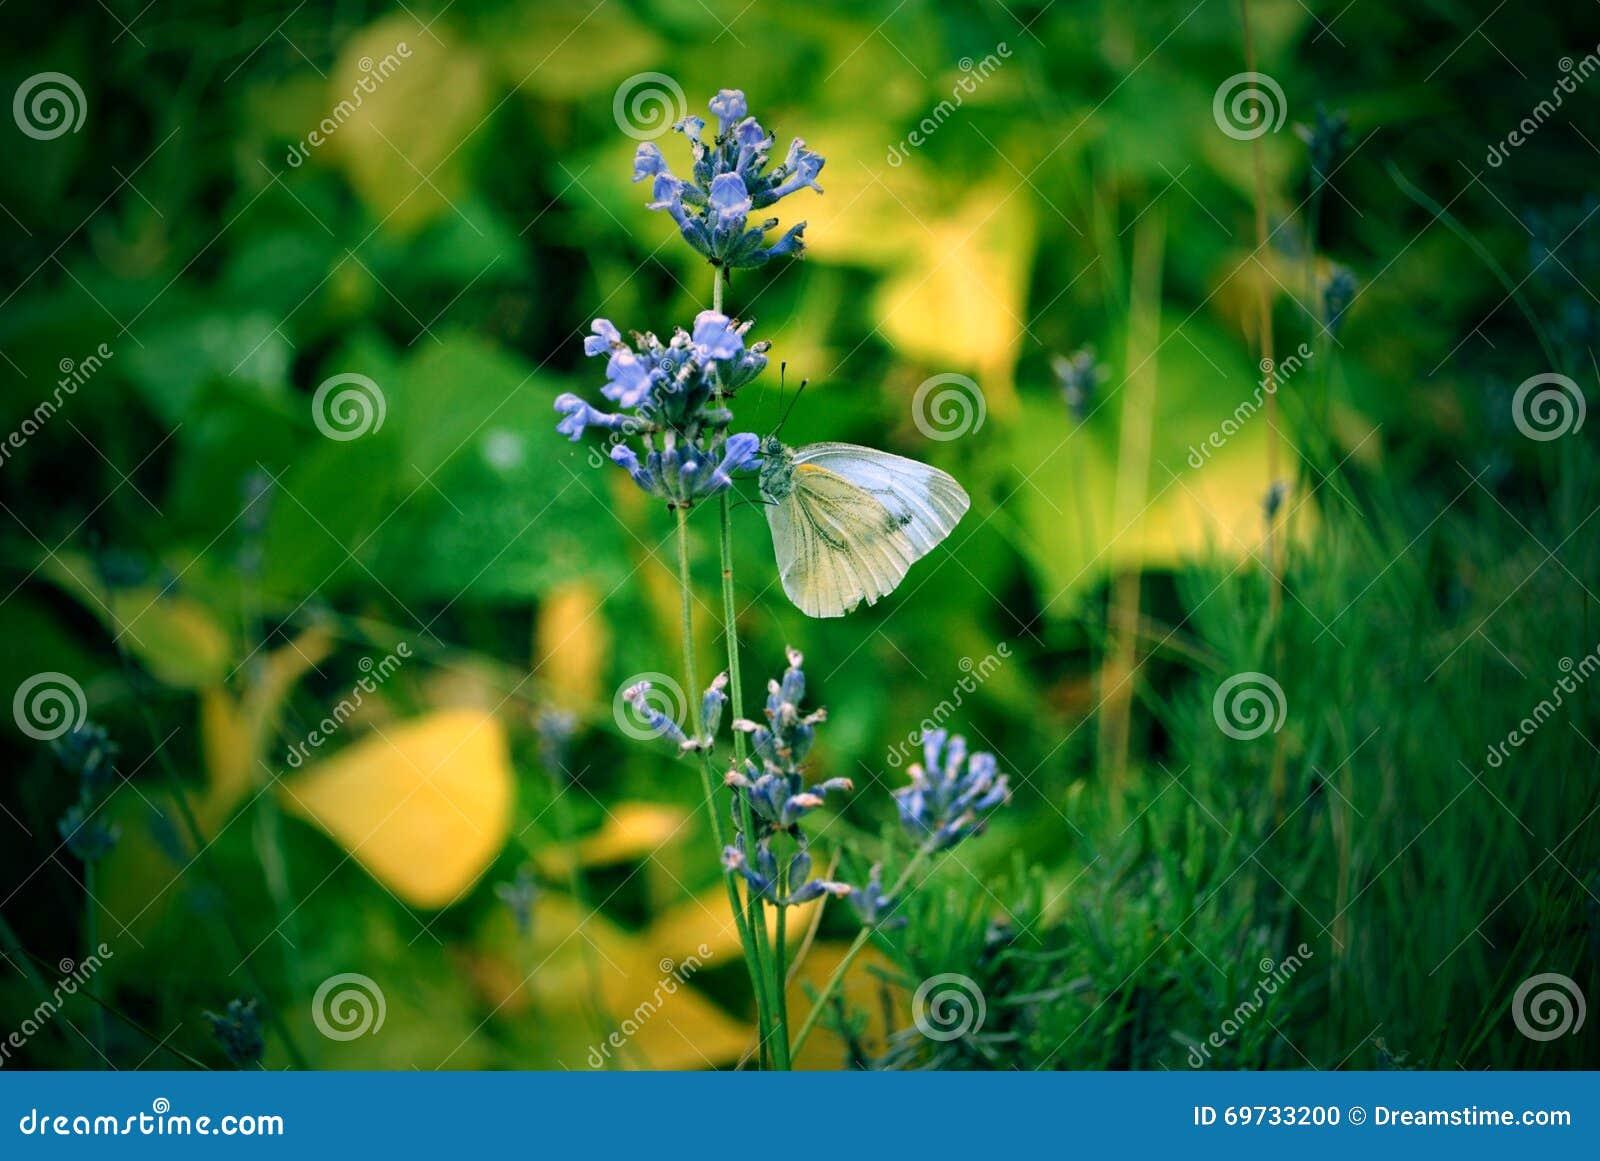 Weißschmetterling des Gartens auf einer Blume